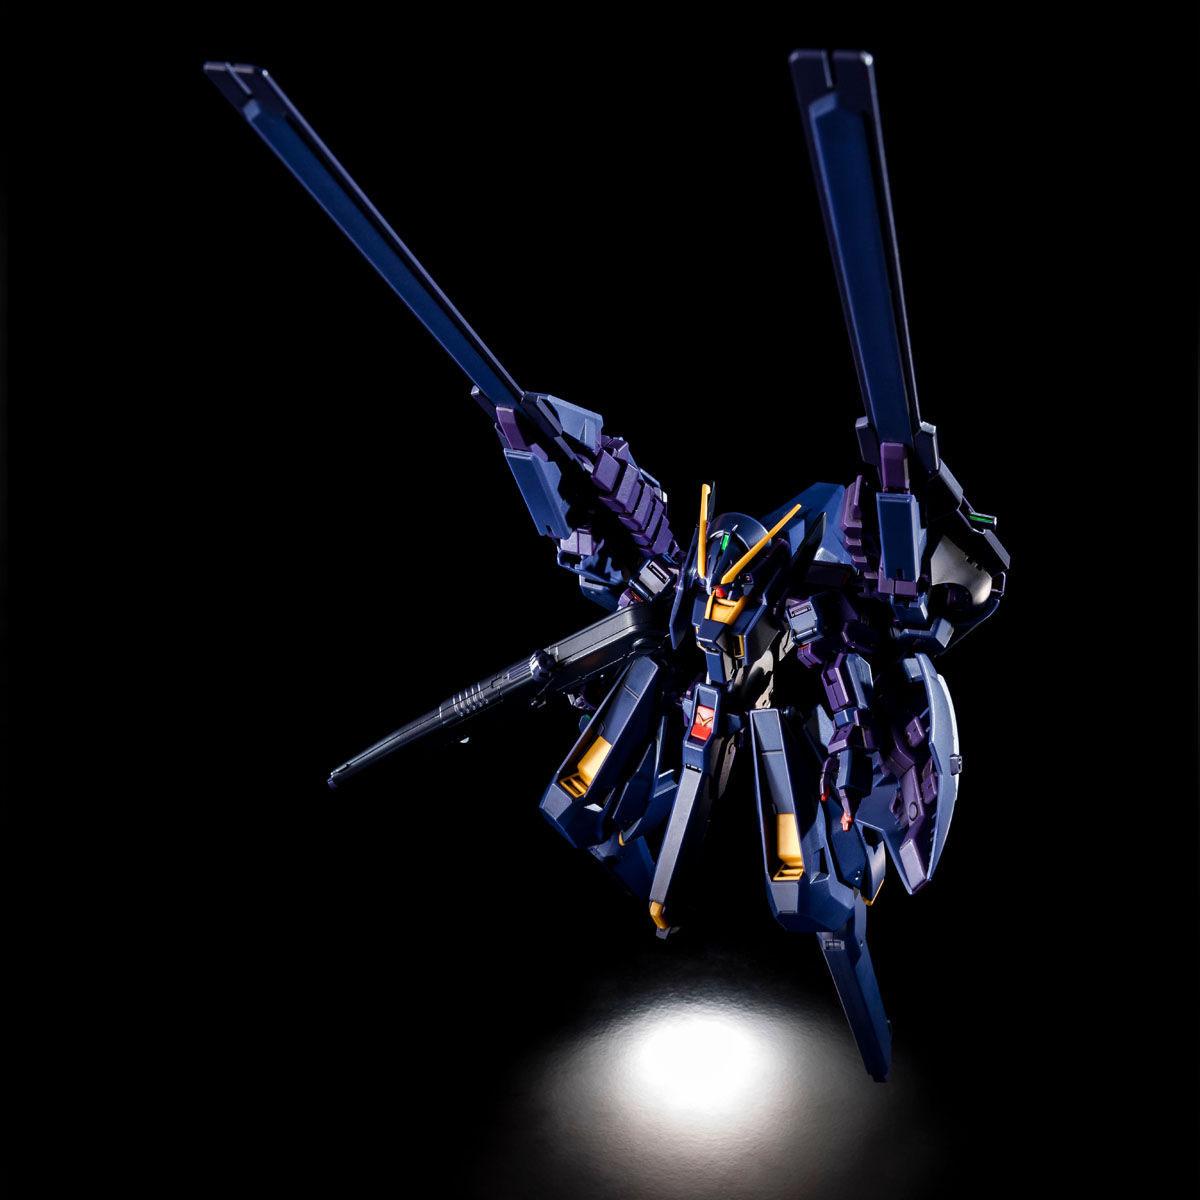 HG 1/144『ガンダムTR-6[ヘイズルII]』ADVANCE OF Ζ プラモデル-007